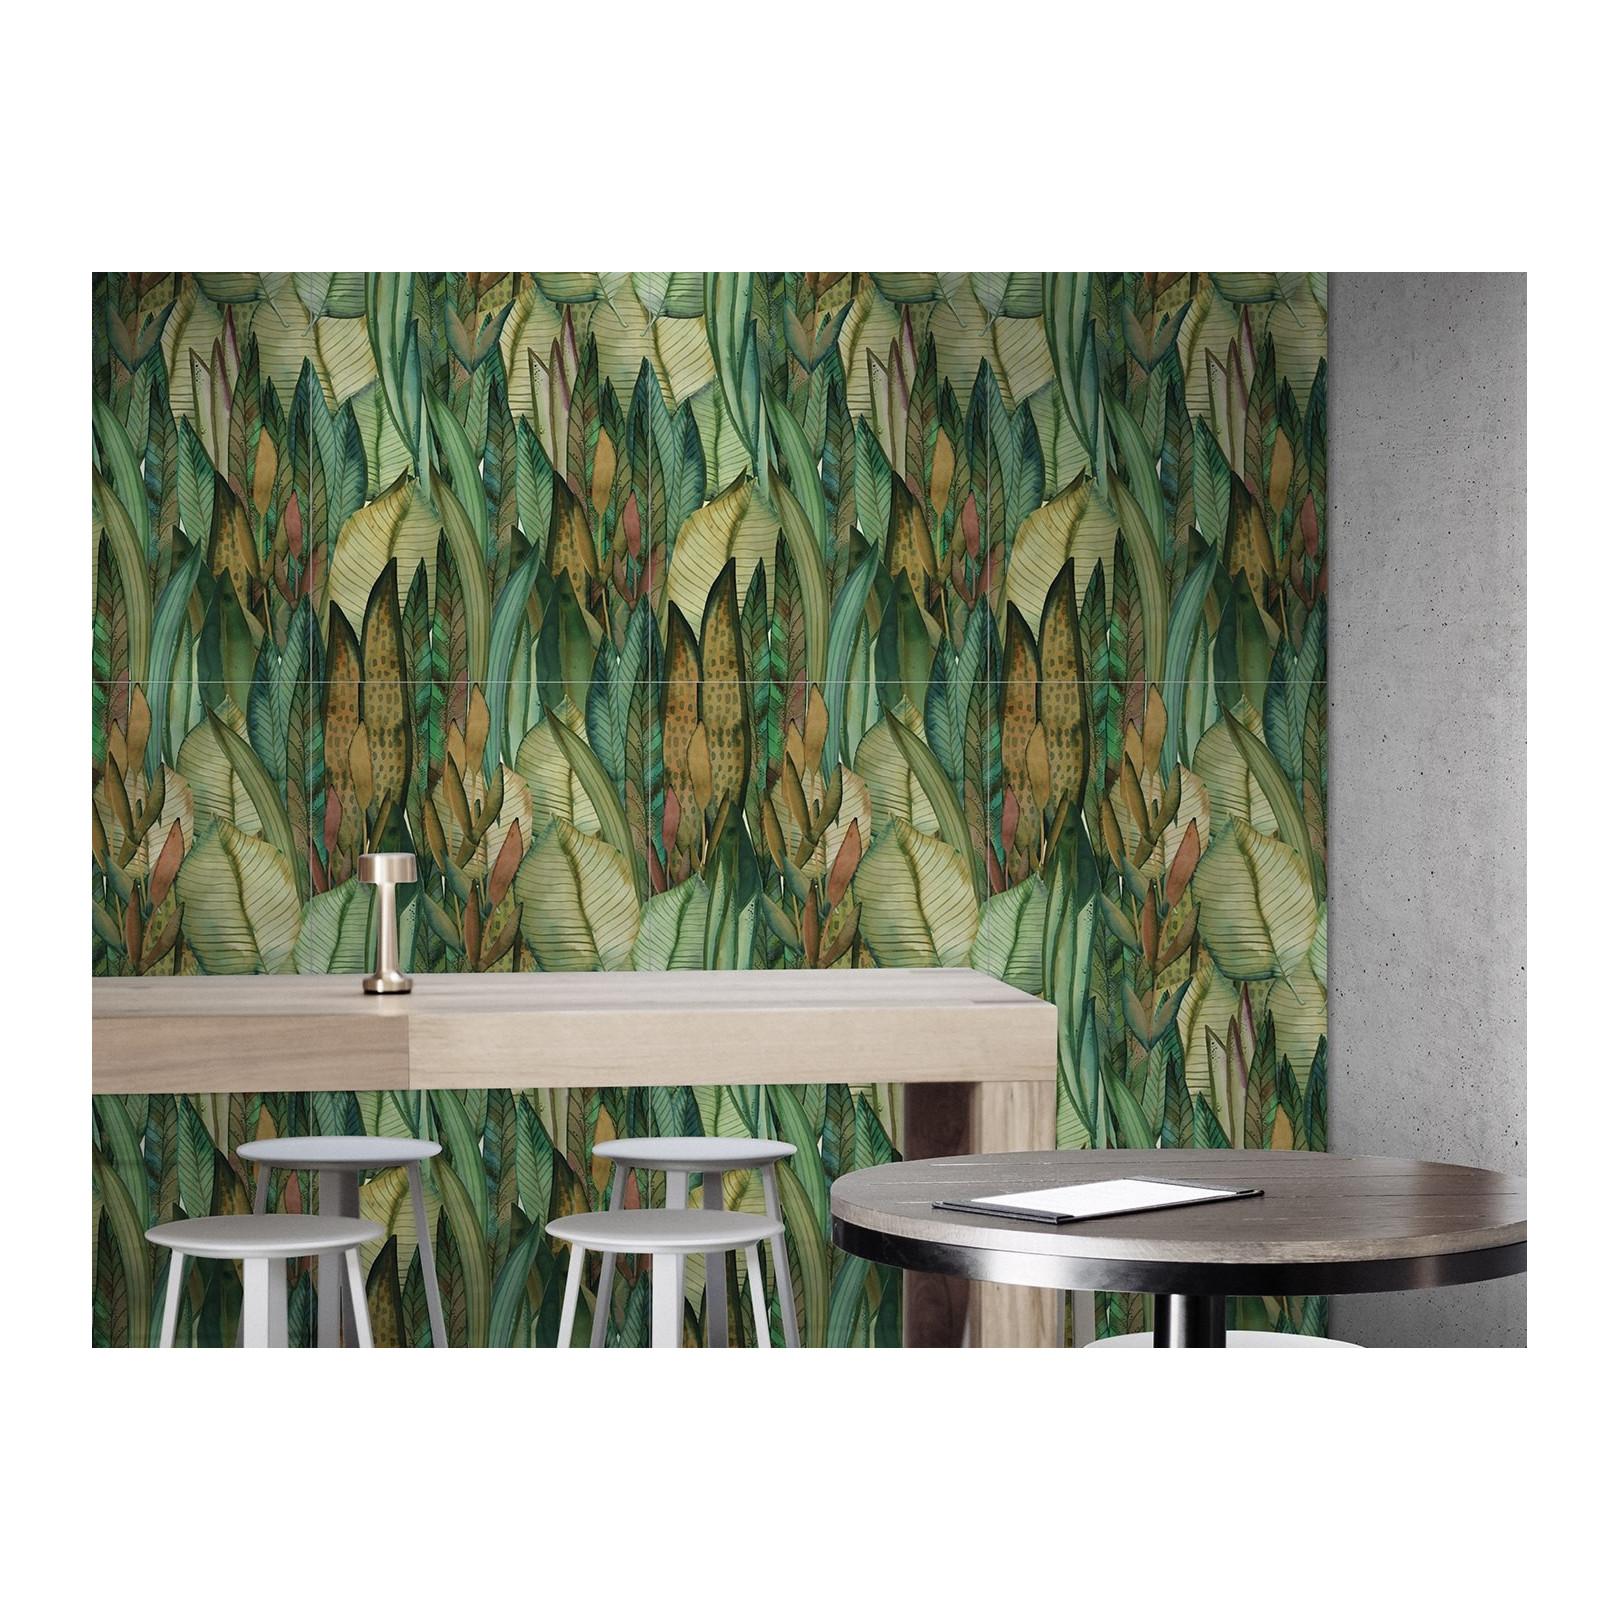 Carrelage grès cérame effet papier peint Scenari Tropical Paint